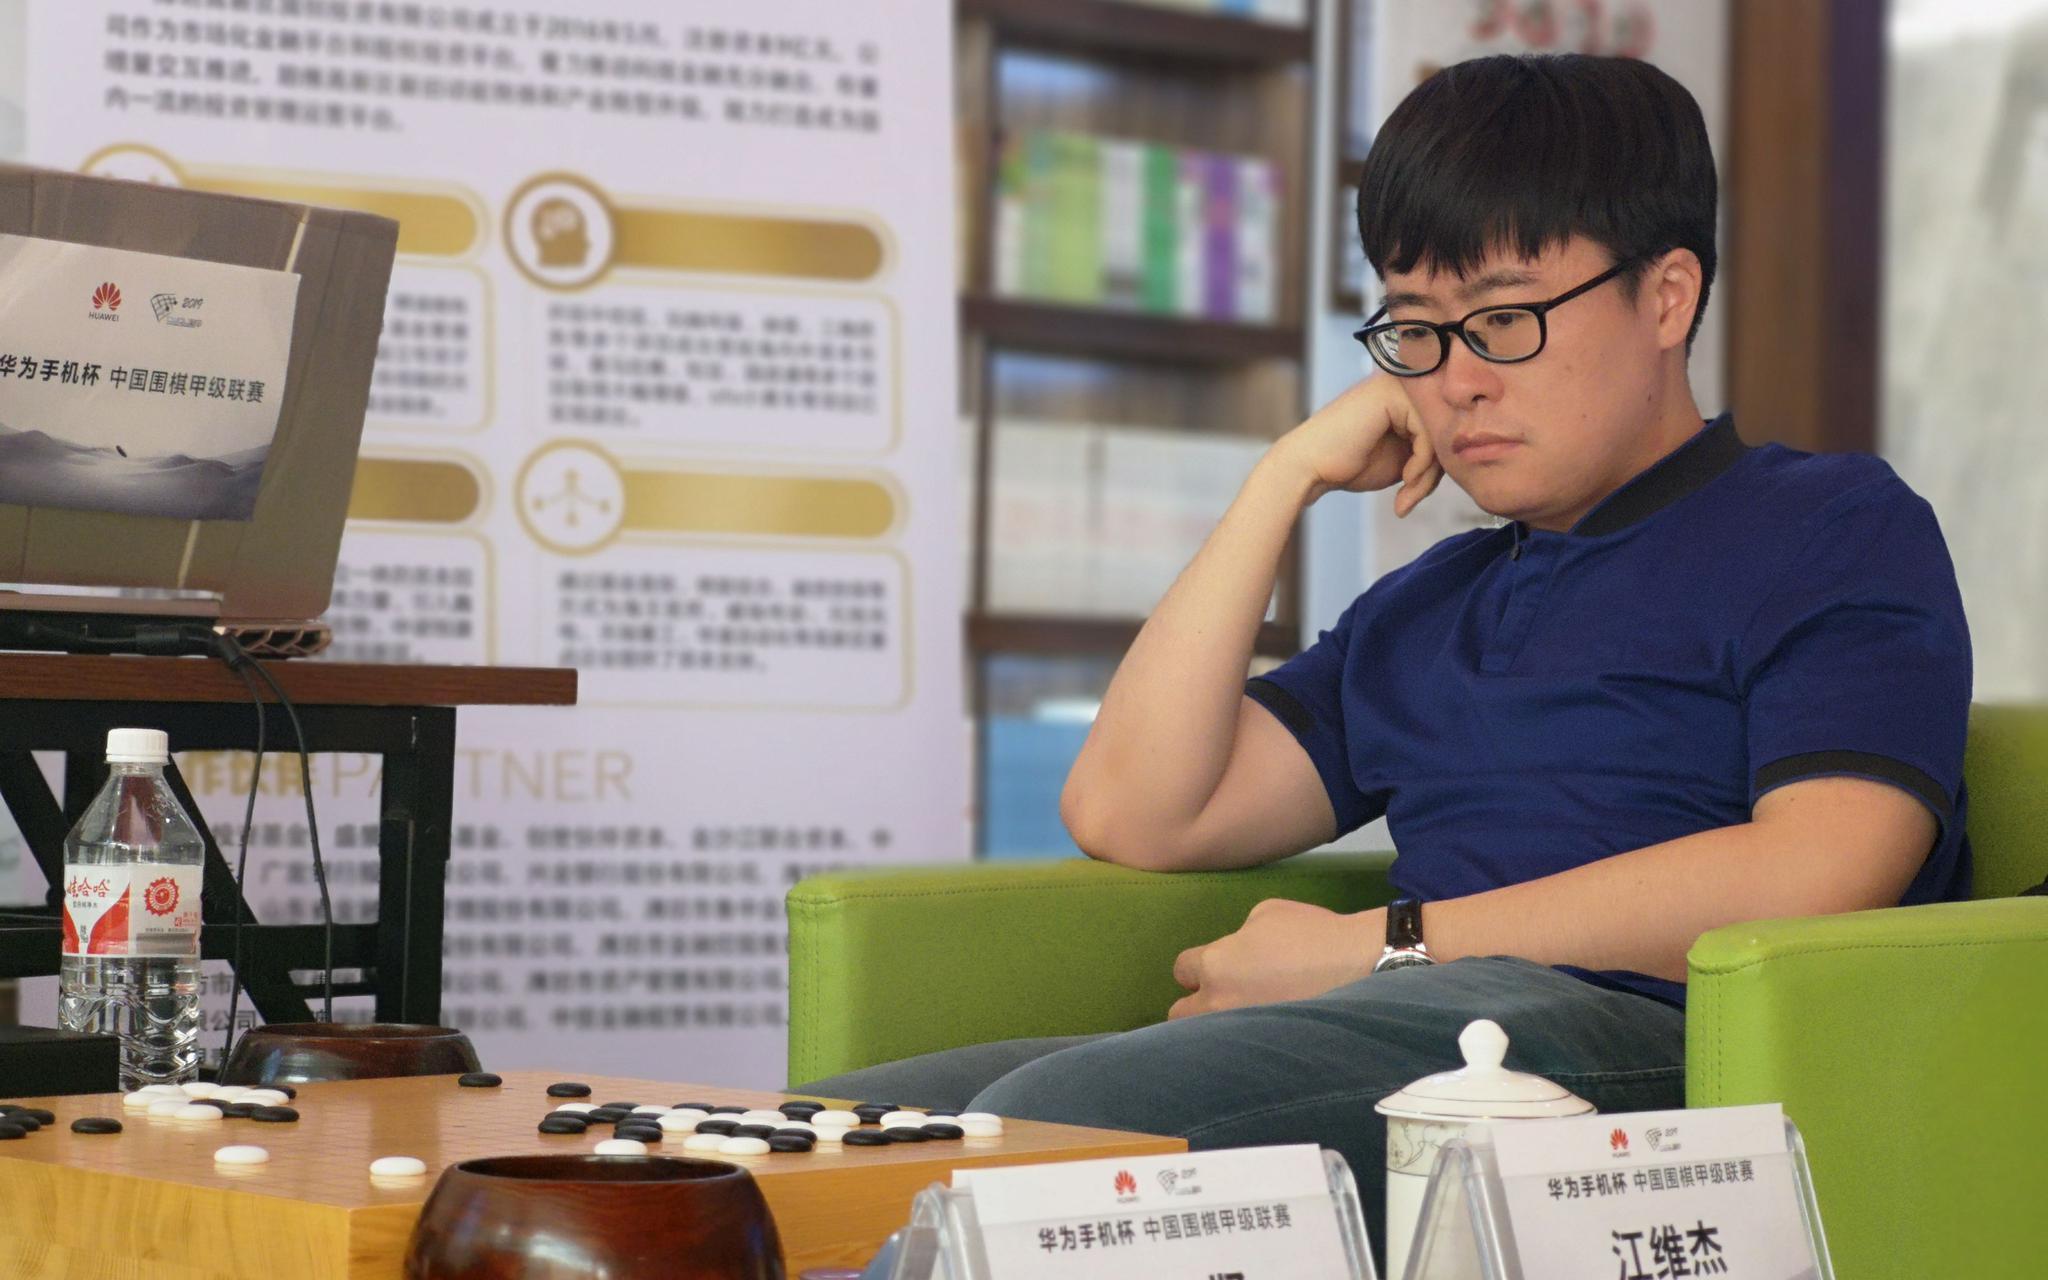 专访丨江维杰九段:下棋比赢棋更幸福有趣图片